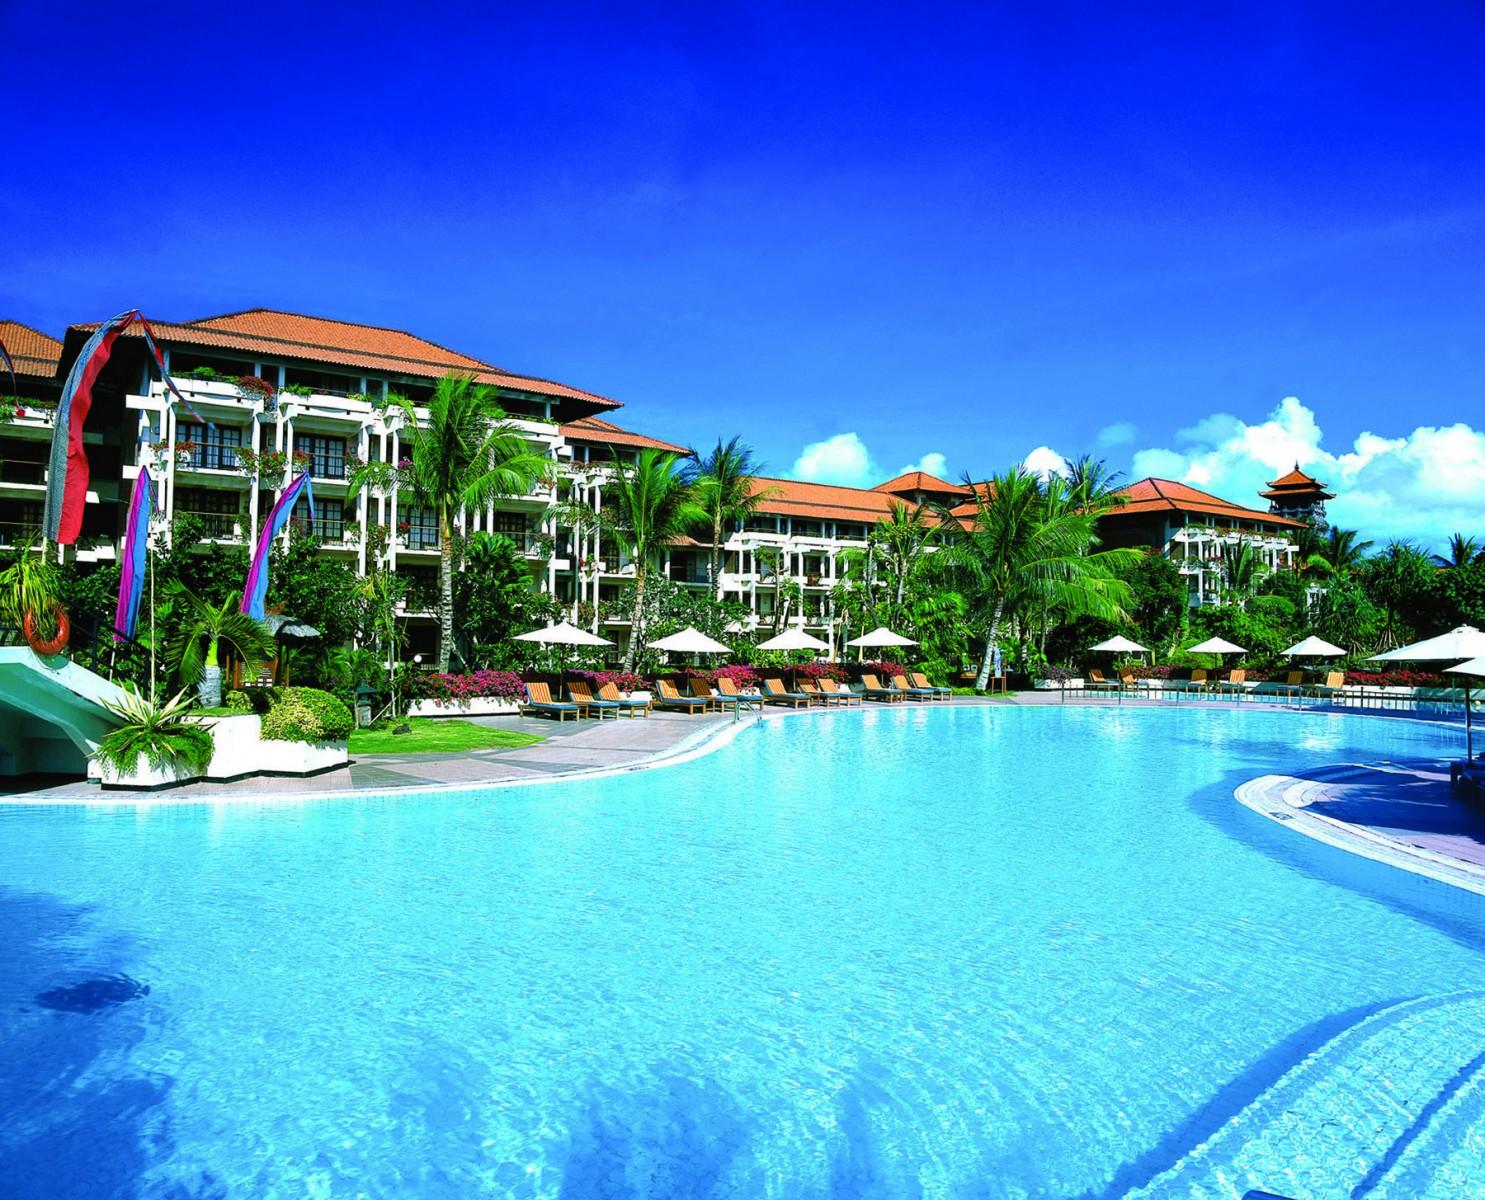 Resort, Suites and Dining at Mengiat, Nusa Dua, Bali